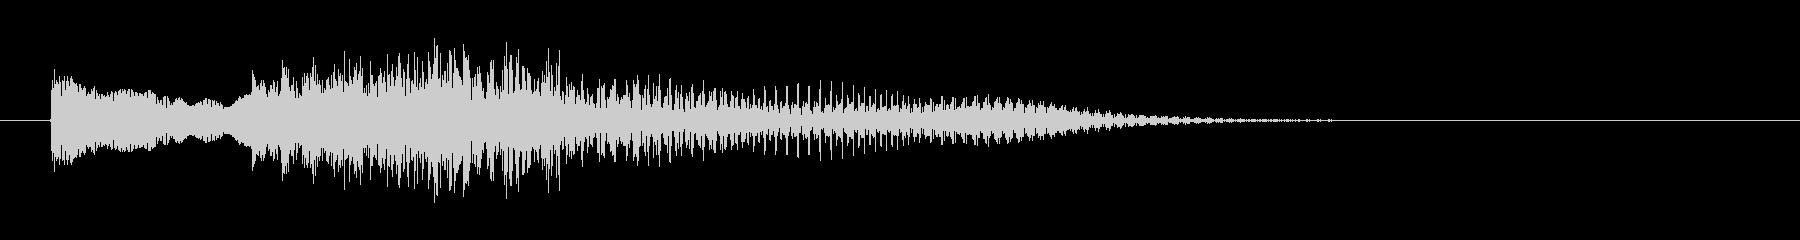 ピアノとストリングによる不吉な場面転換音の未再生の波形